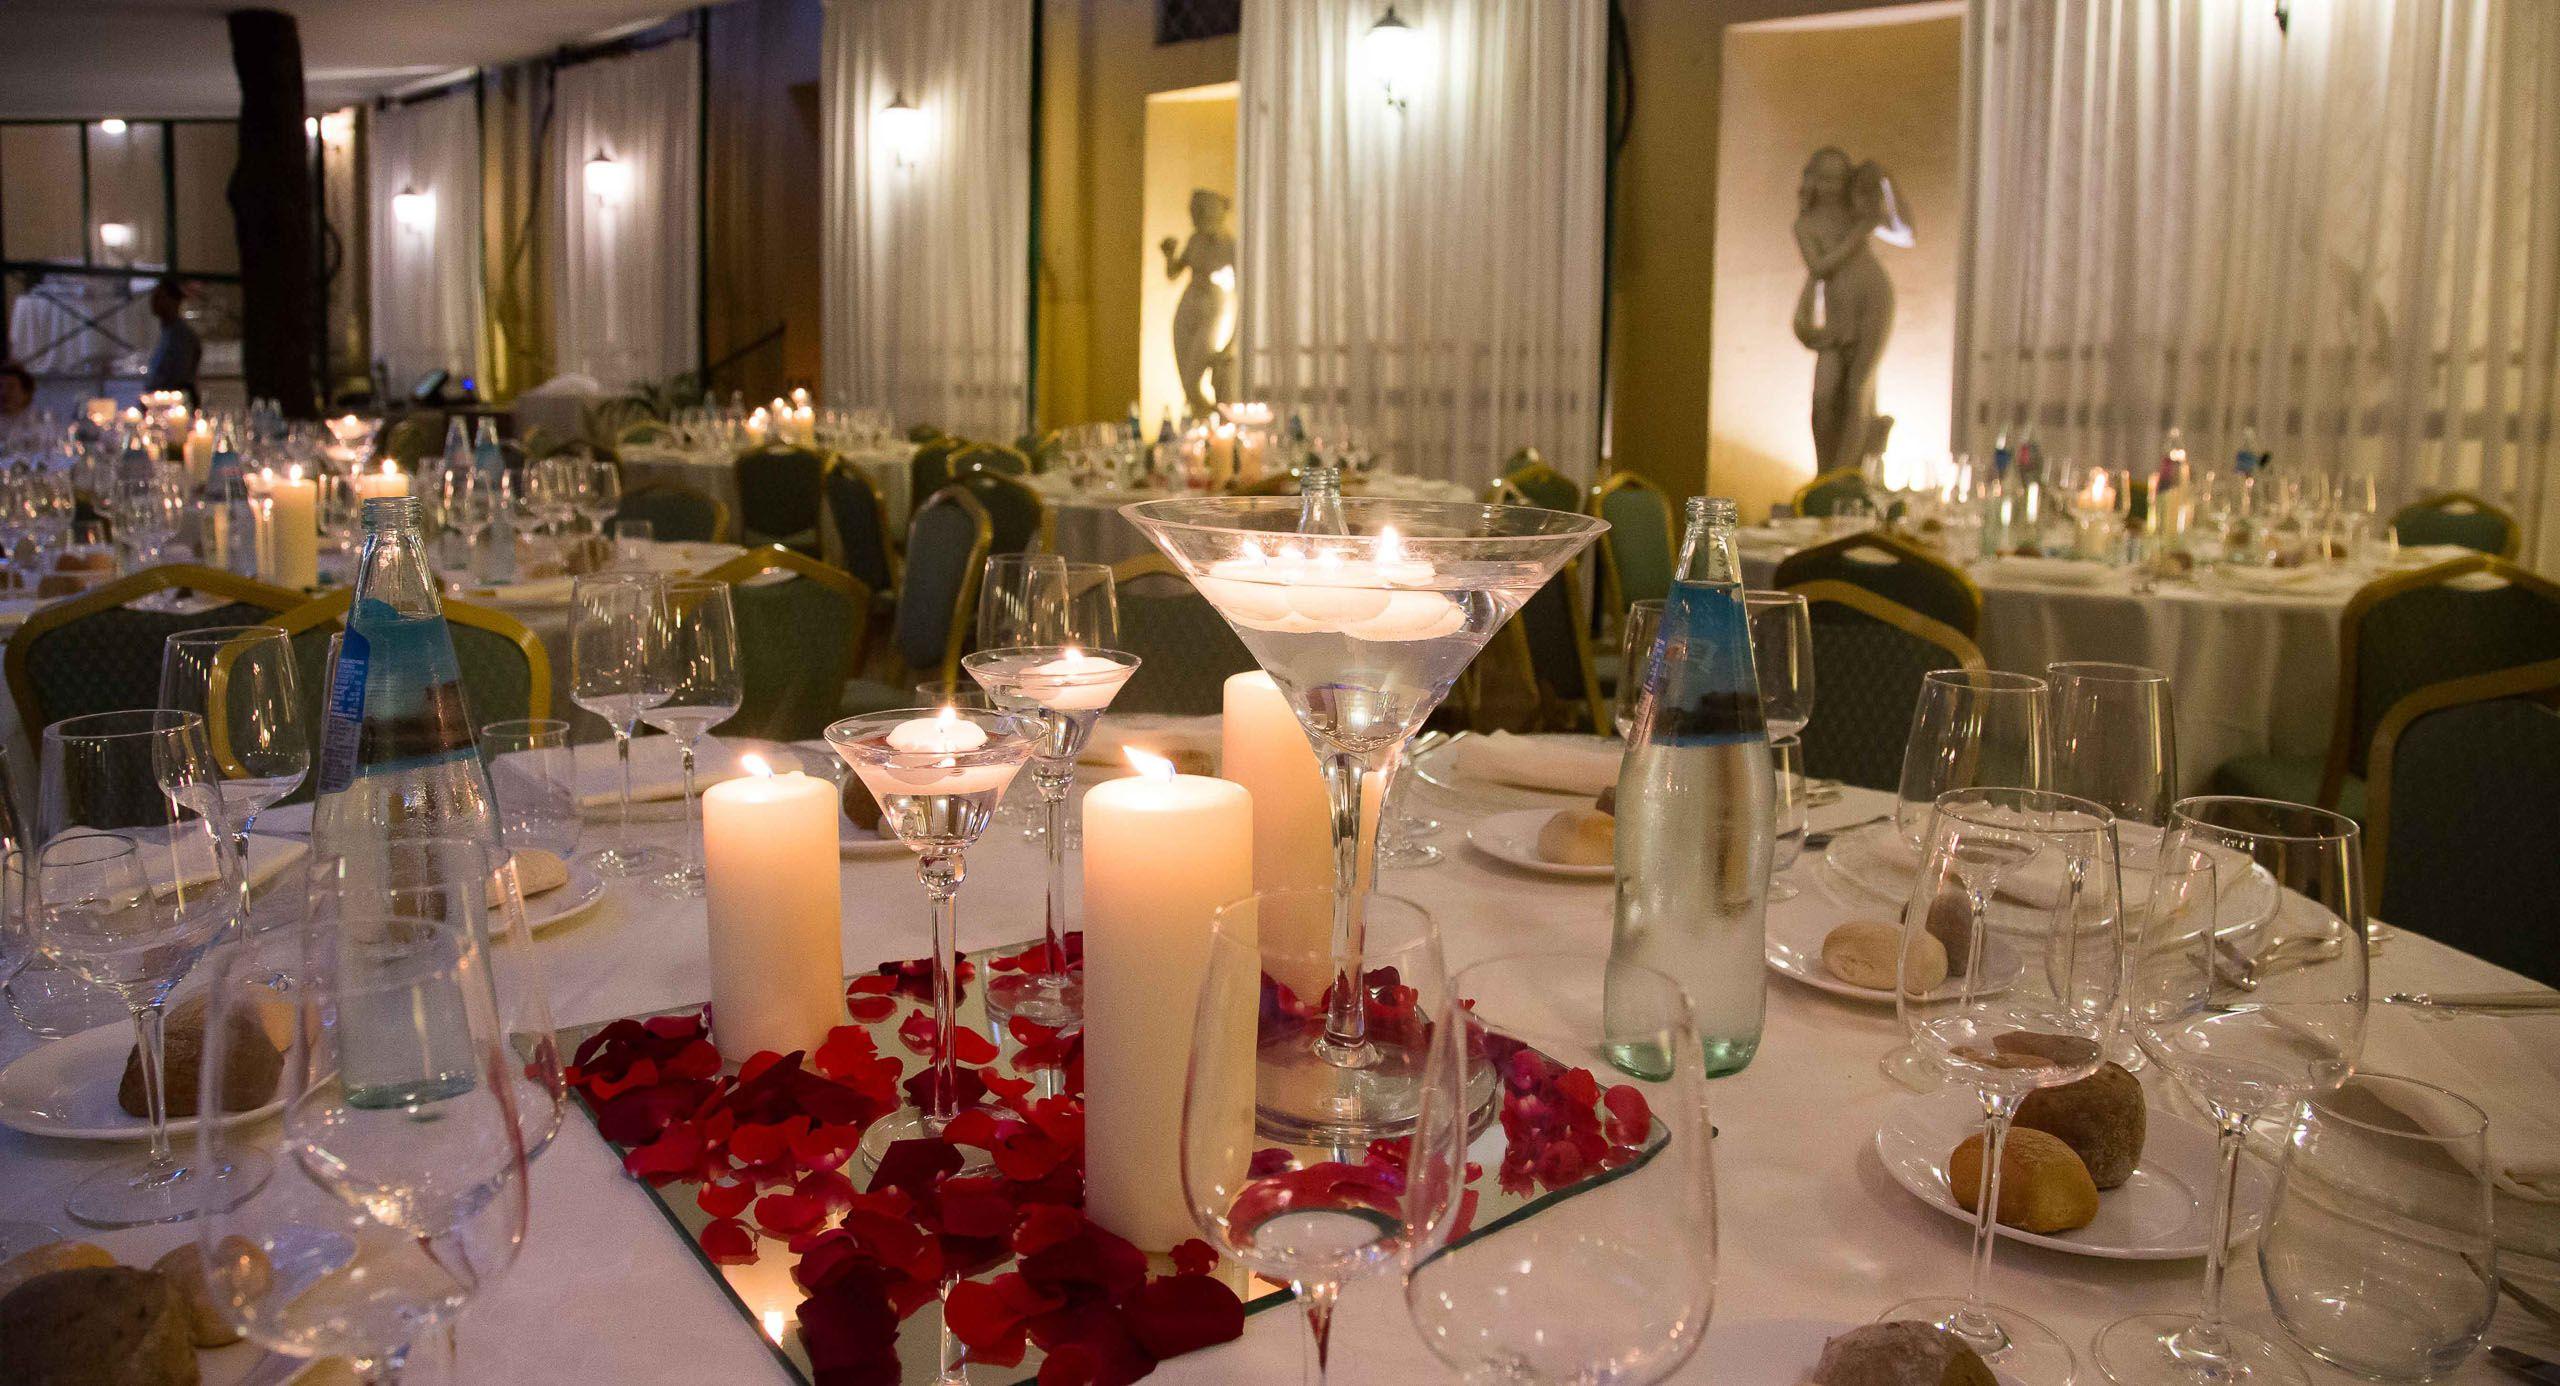 ristorante-rossini-rome-banquets-09